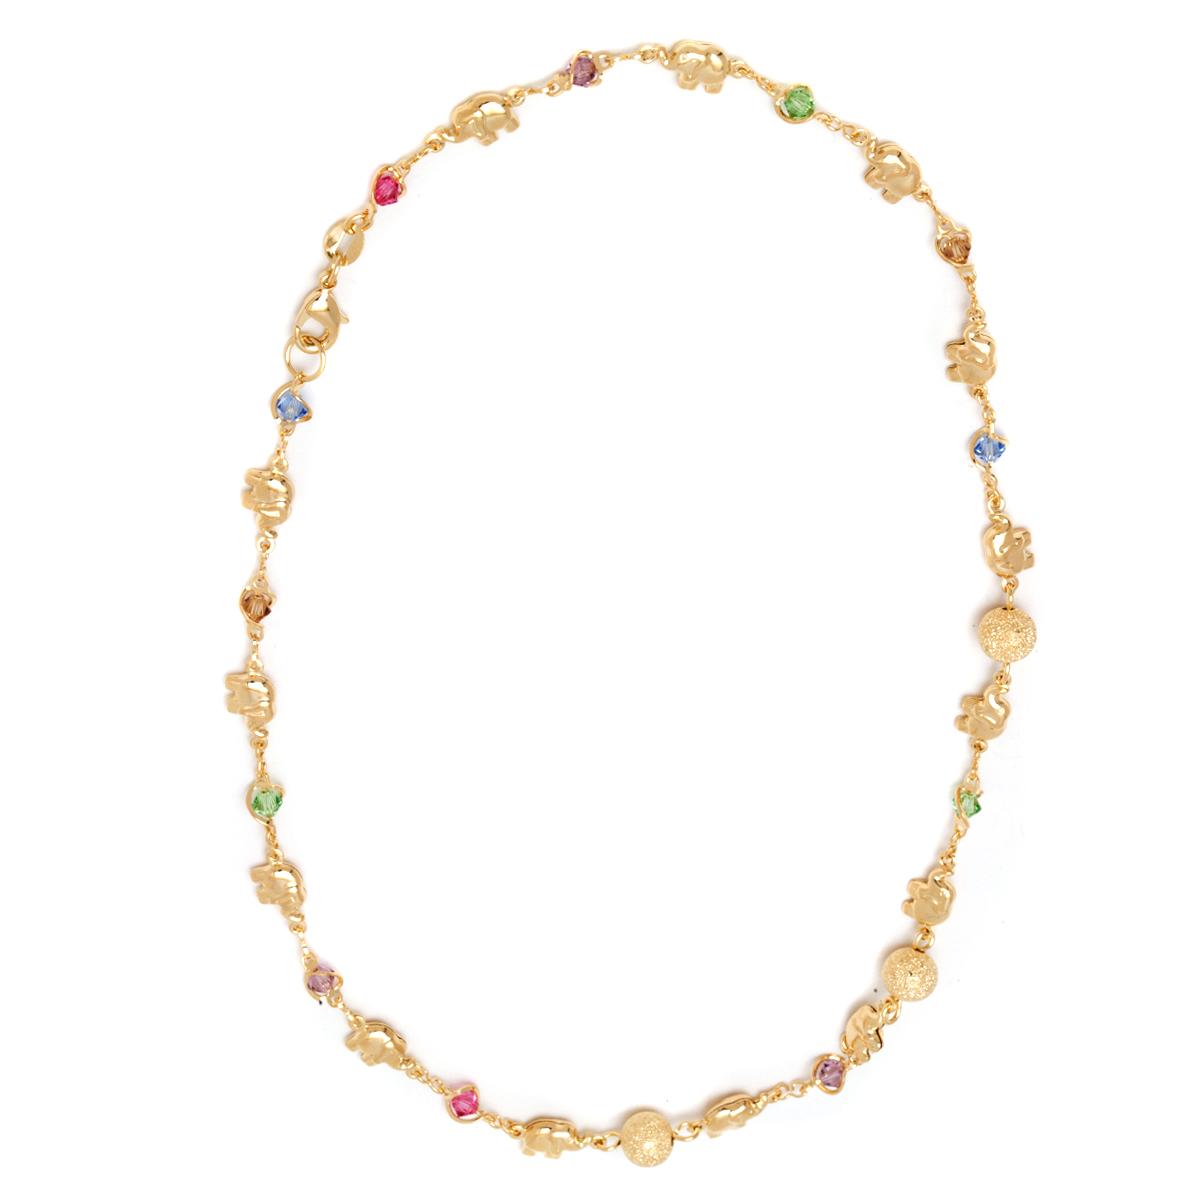 Gold  amp  Crystal Elephant Link Necklace 2700af2724cc